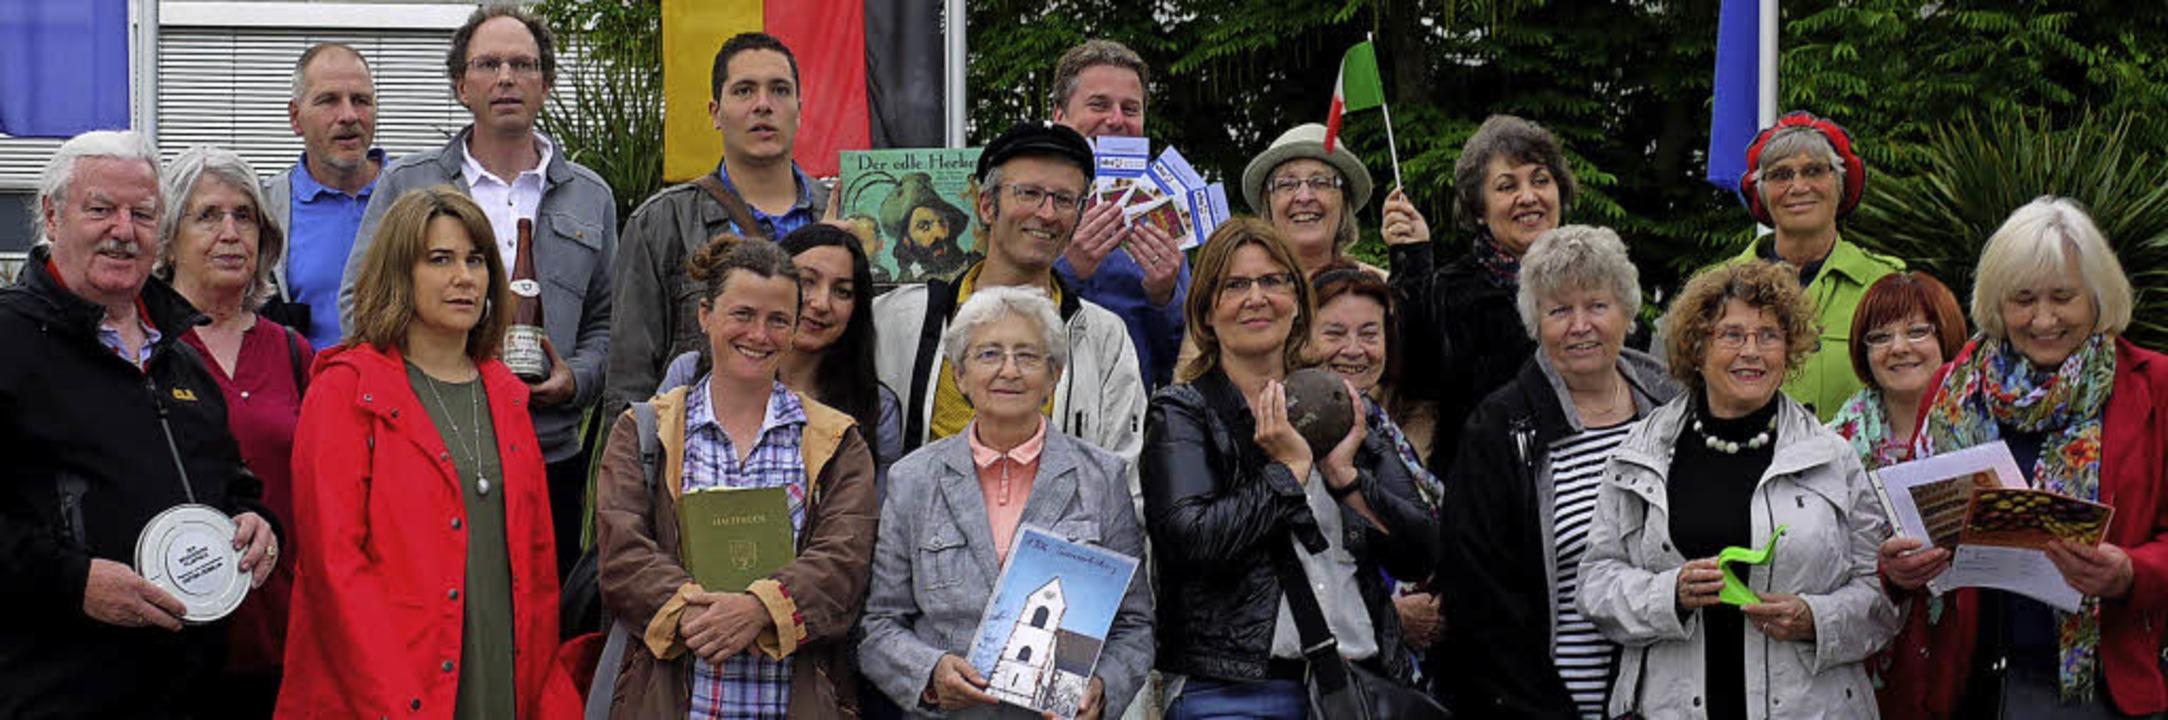 Die Stadtführer bieten auch im anstehe...r  eine große Vielfalt an Themen an.    | Foto: Merstetter